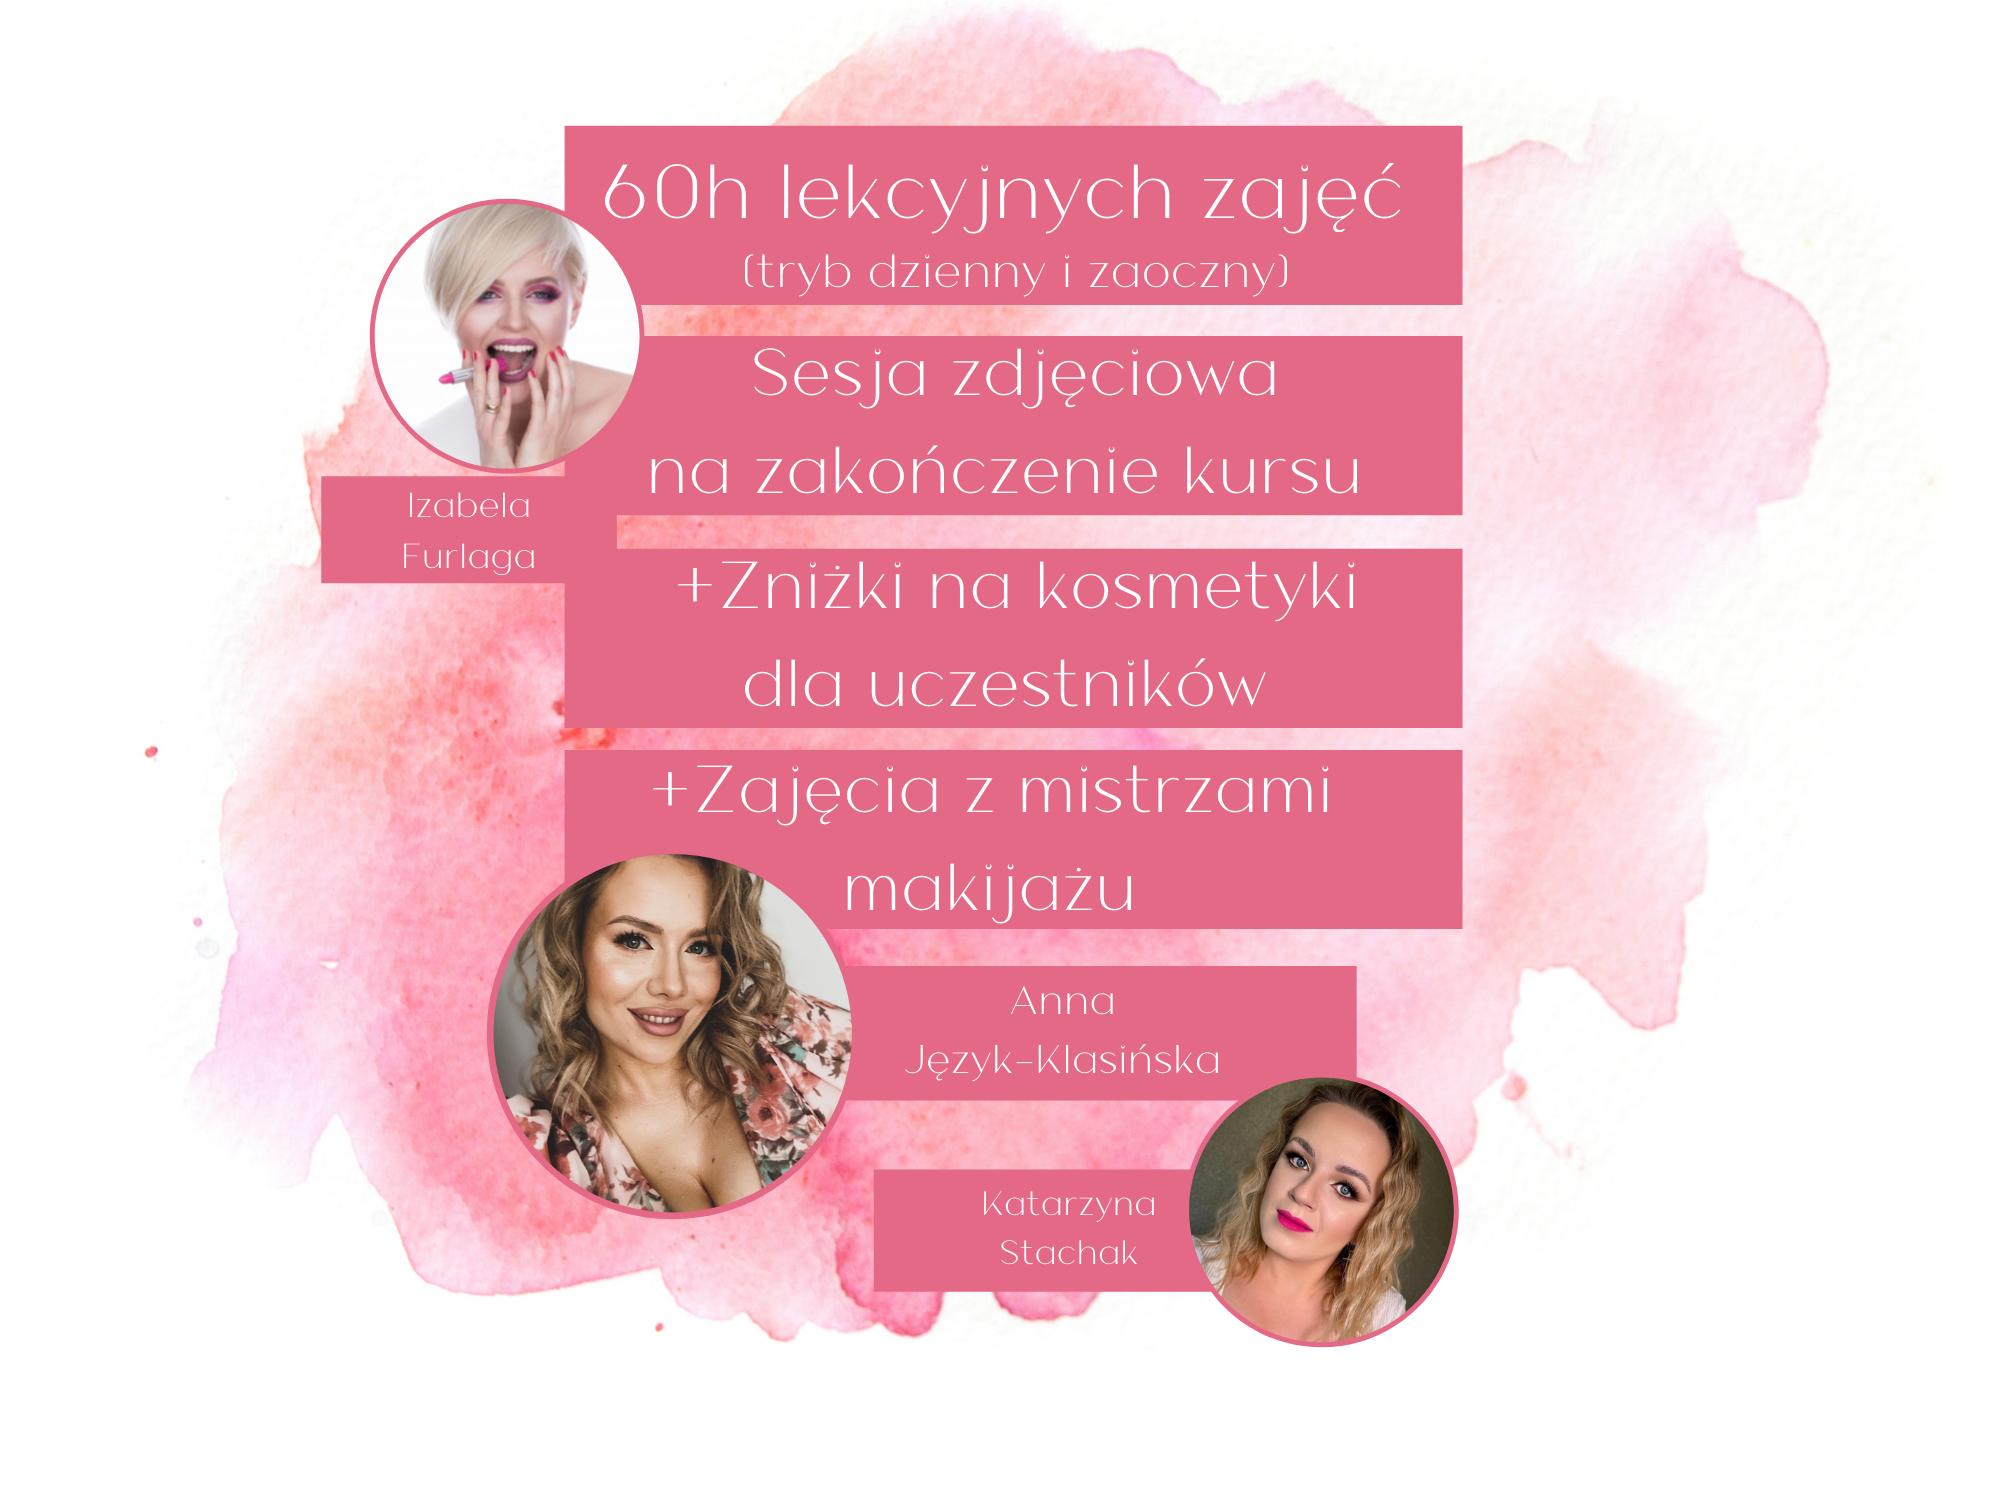 Intensywna szkoła makijażu: edycja jesienna (tryb dzienny) w Krakowie